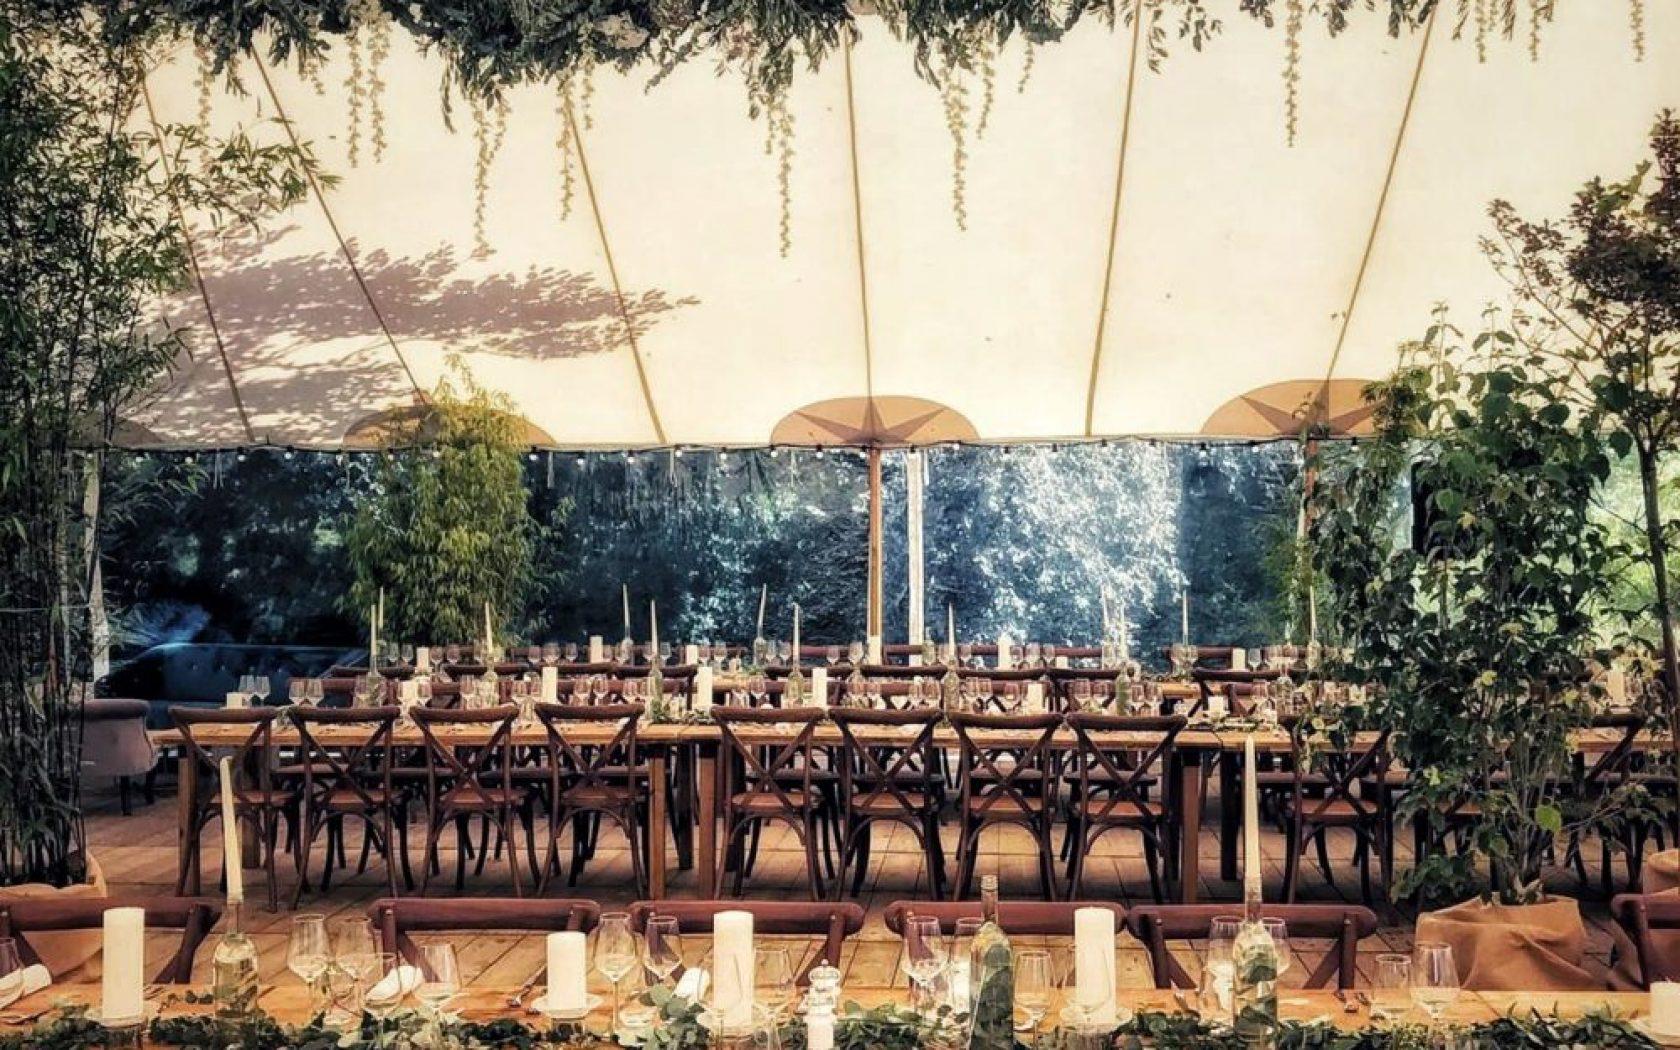 Décoration de mariage en Normandie dans une ambiance végétale